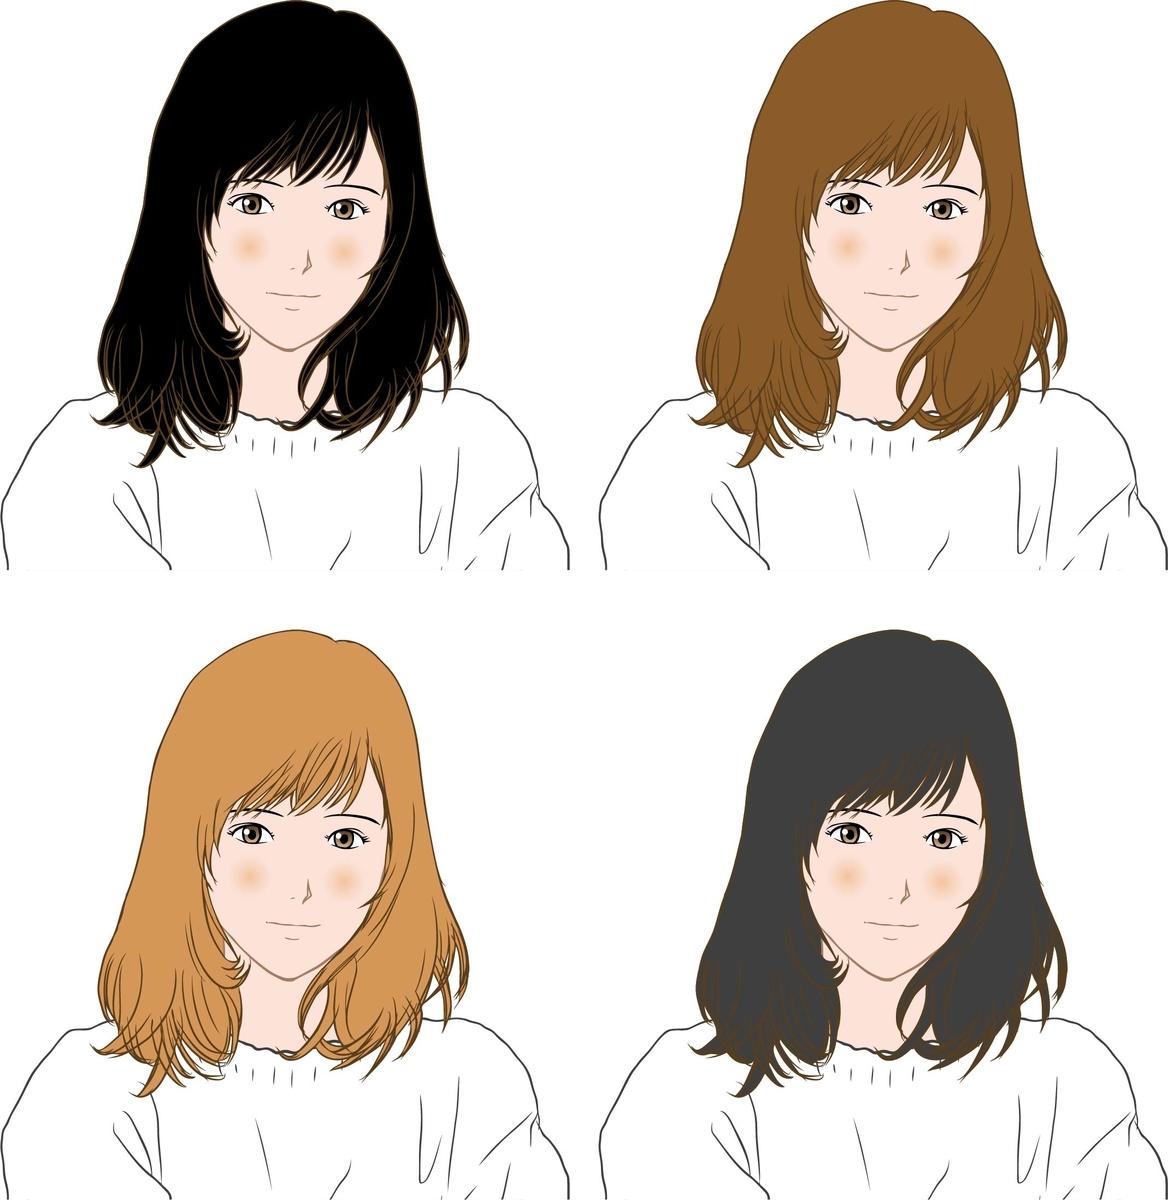 f:id:koshikakeol:20191010152959j:plain